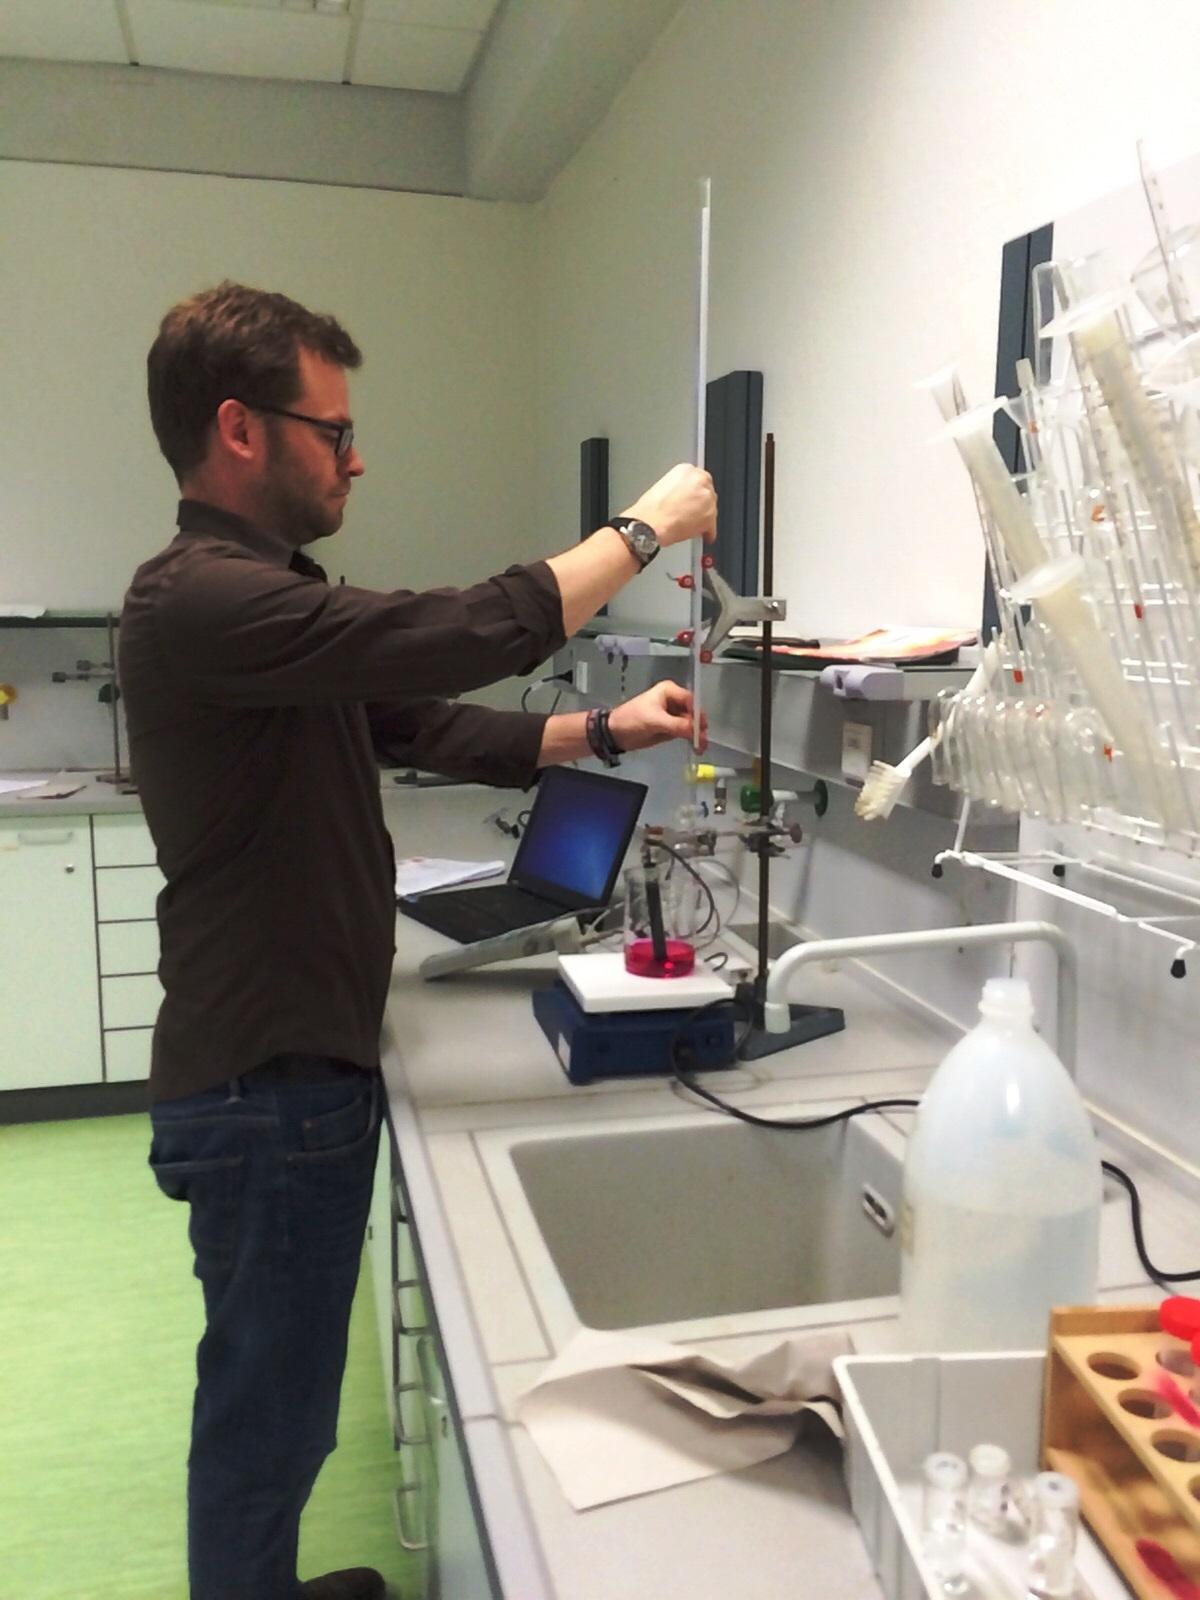 Gaschromatographie - Chemie